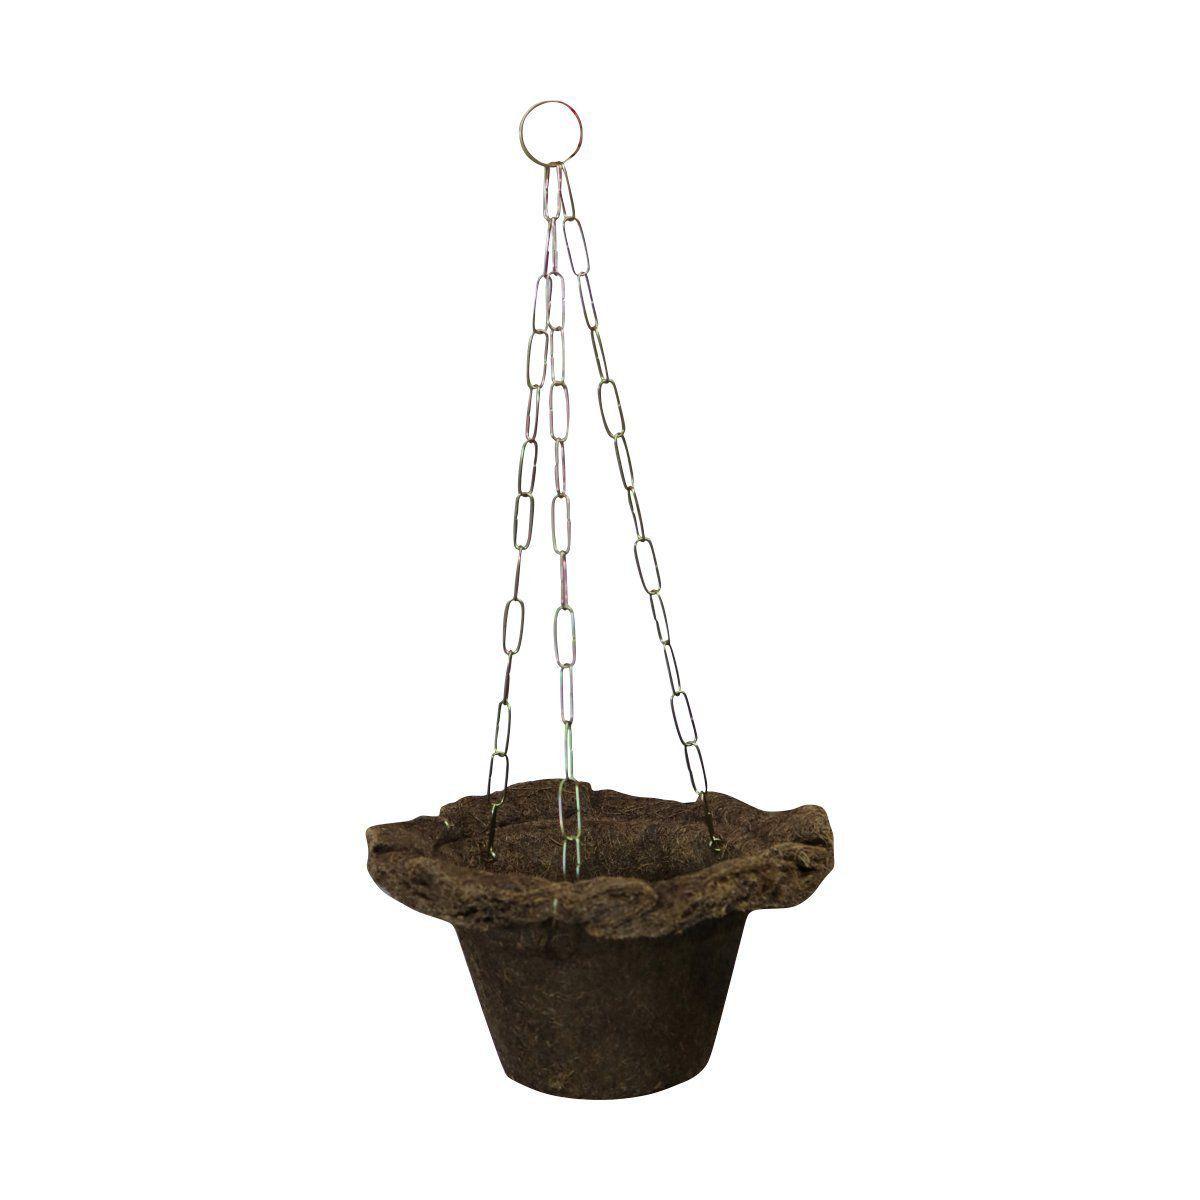 Vaso de Fibra de Coco Virola Nº 12 com corrente - COQUIM